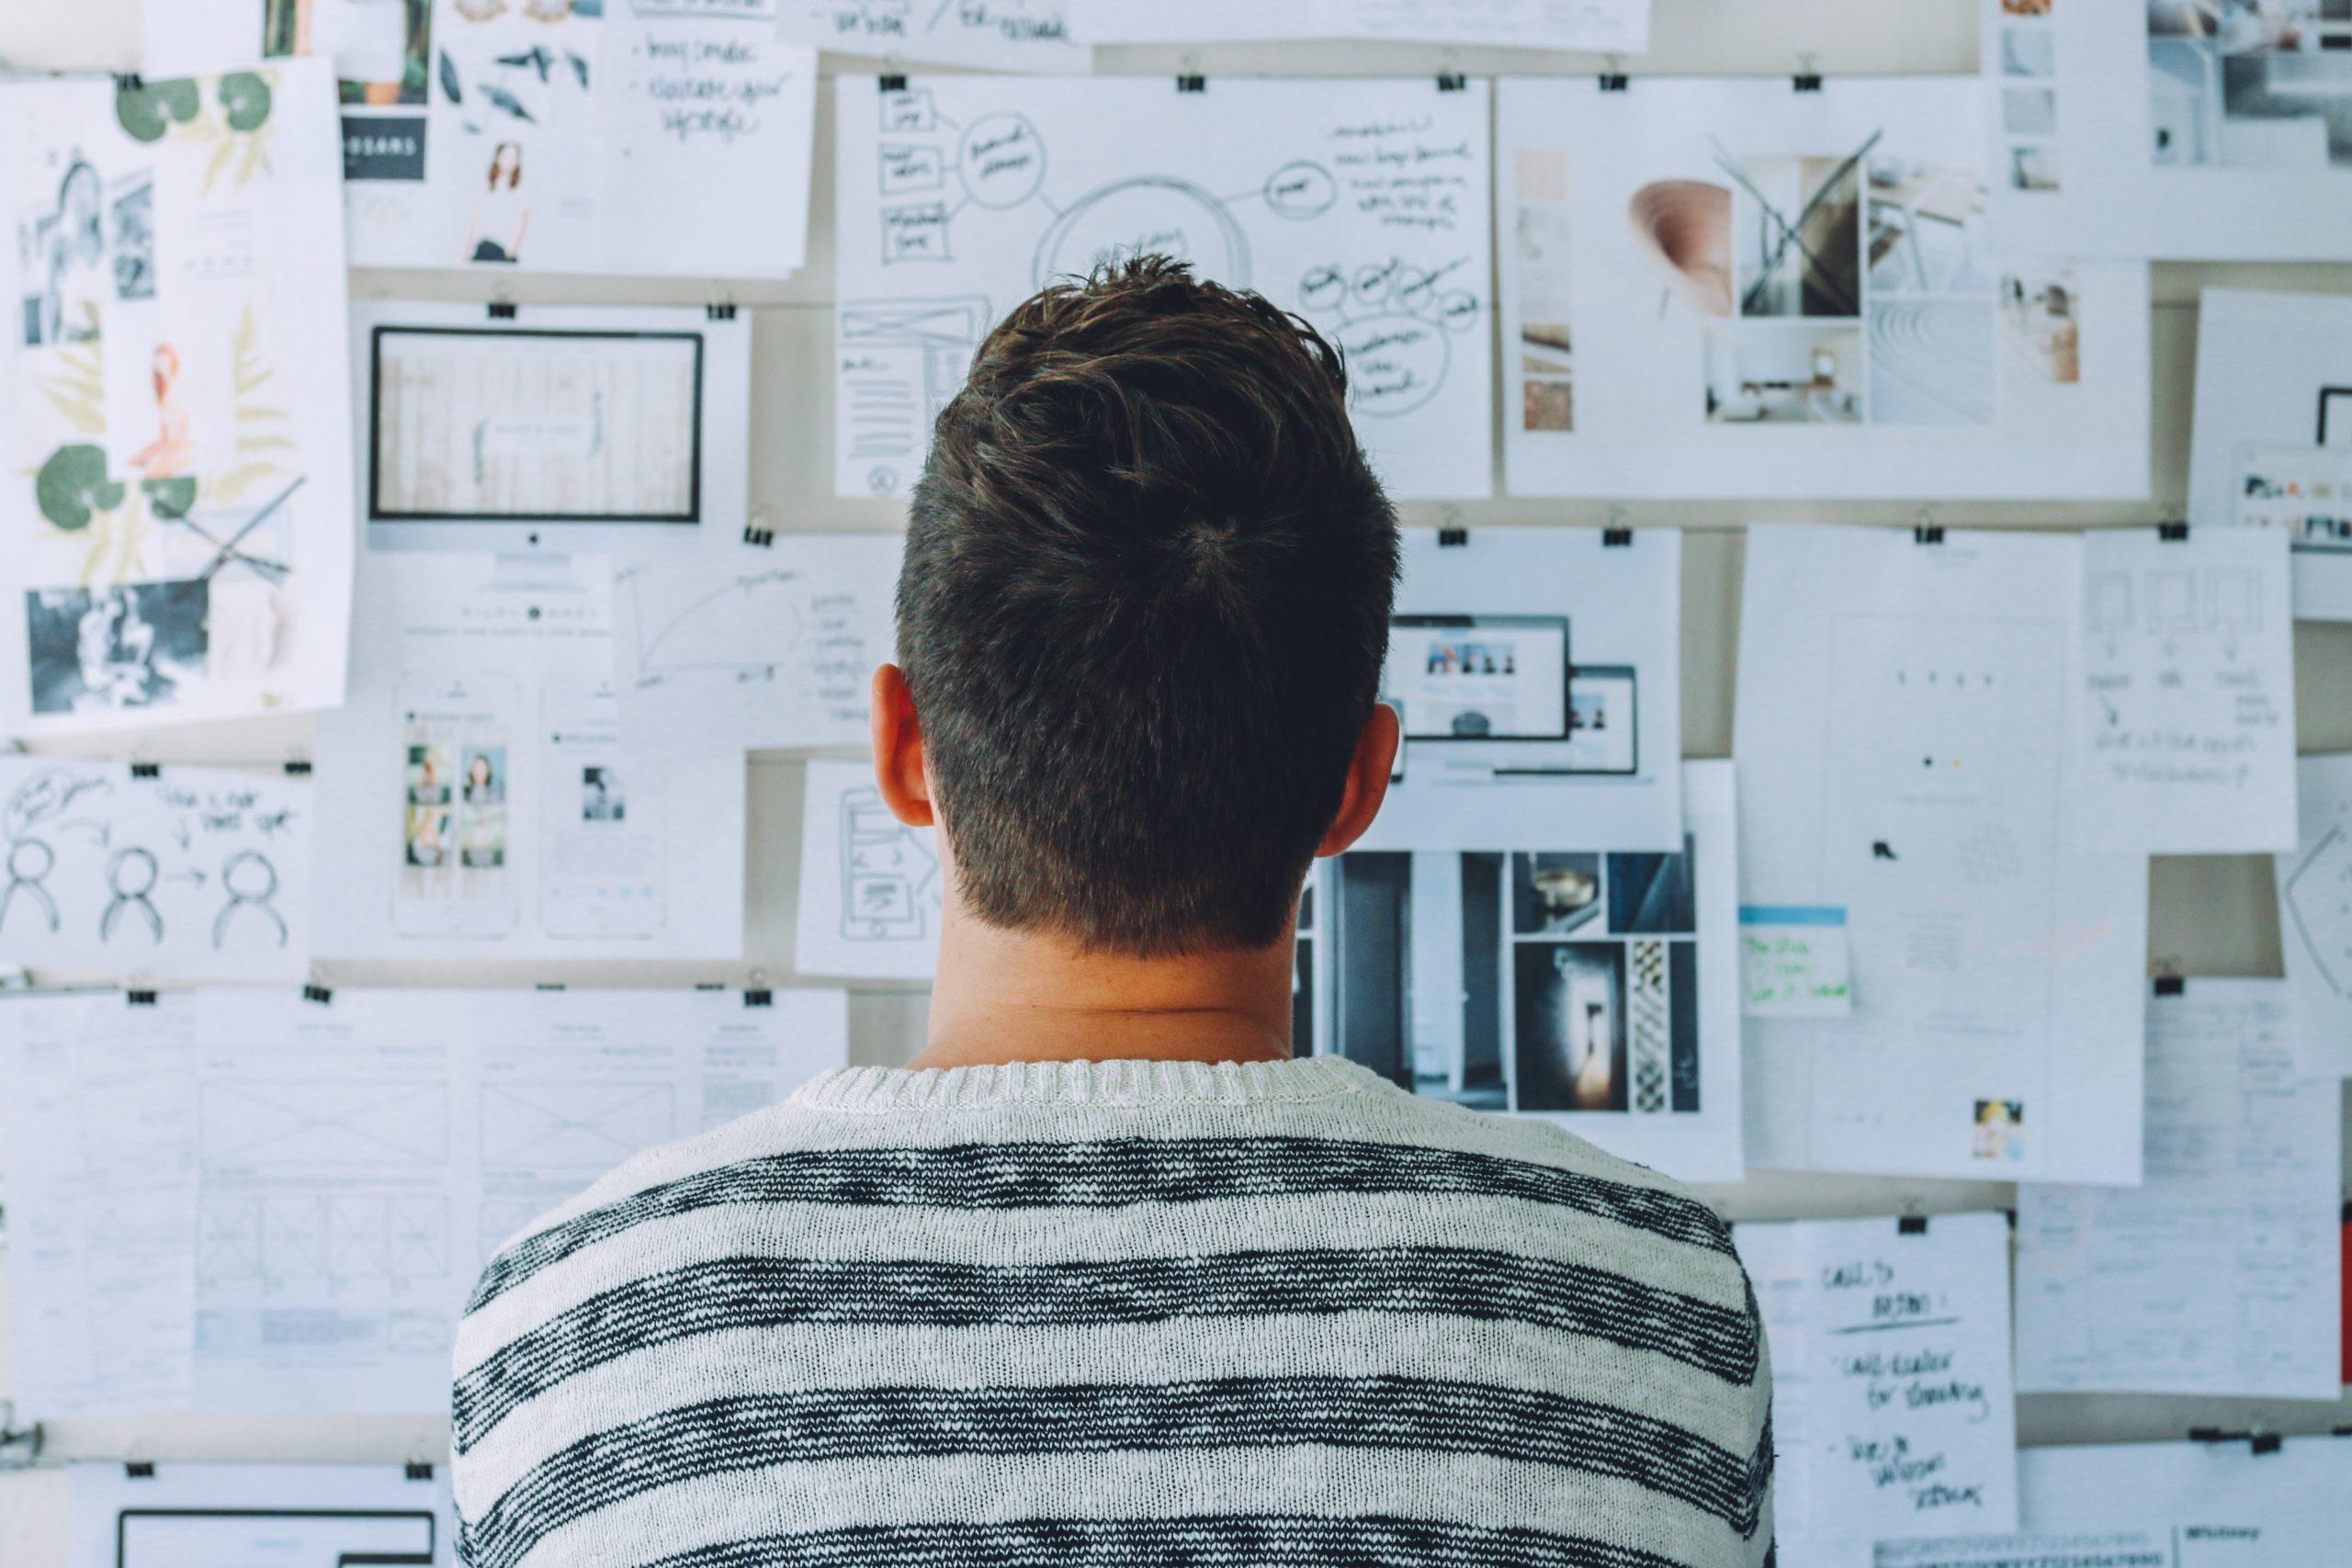 Männliche Person betrachtet Dokumente an Wand.